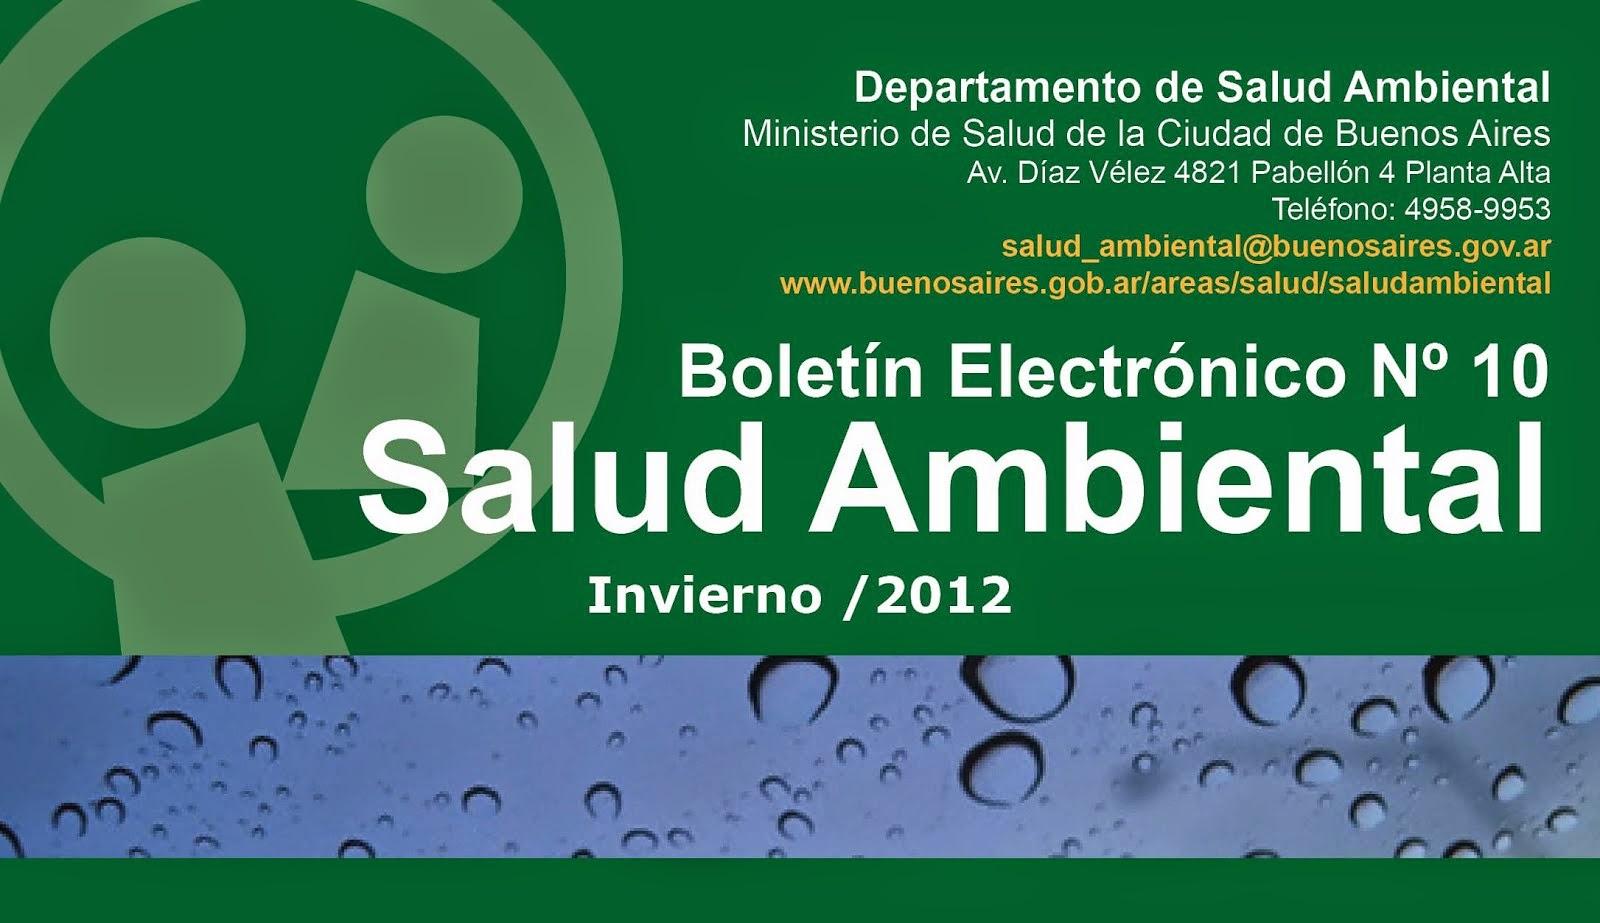 Boletín DSA Nº10 Invierno 2012